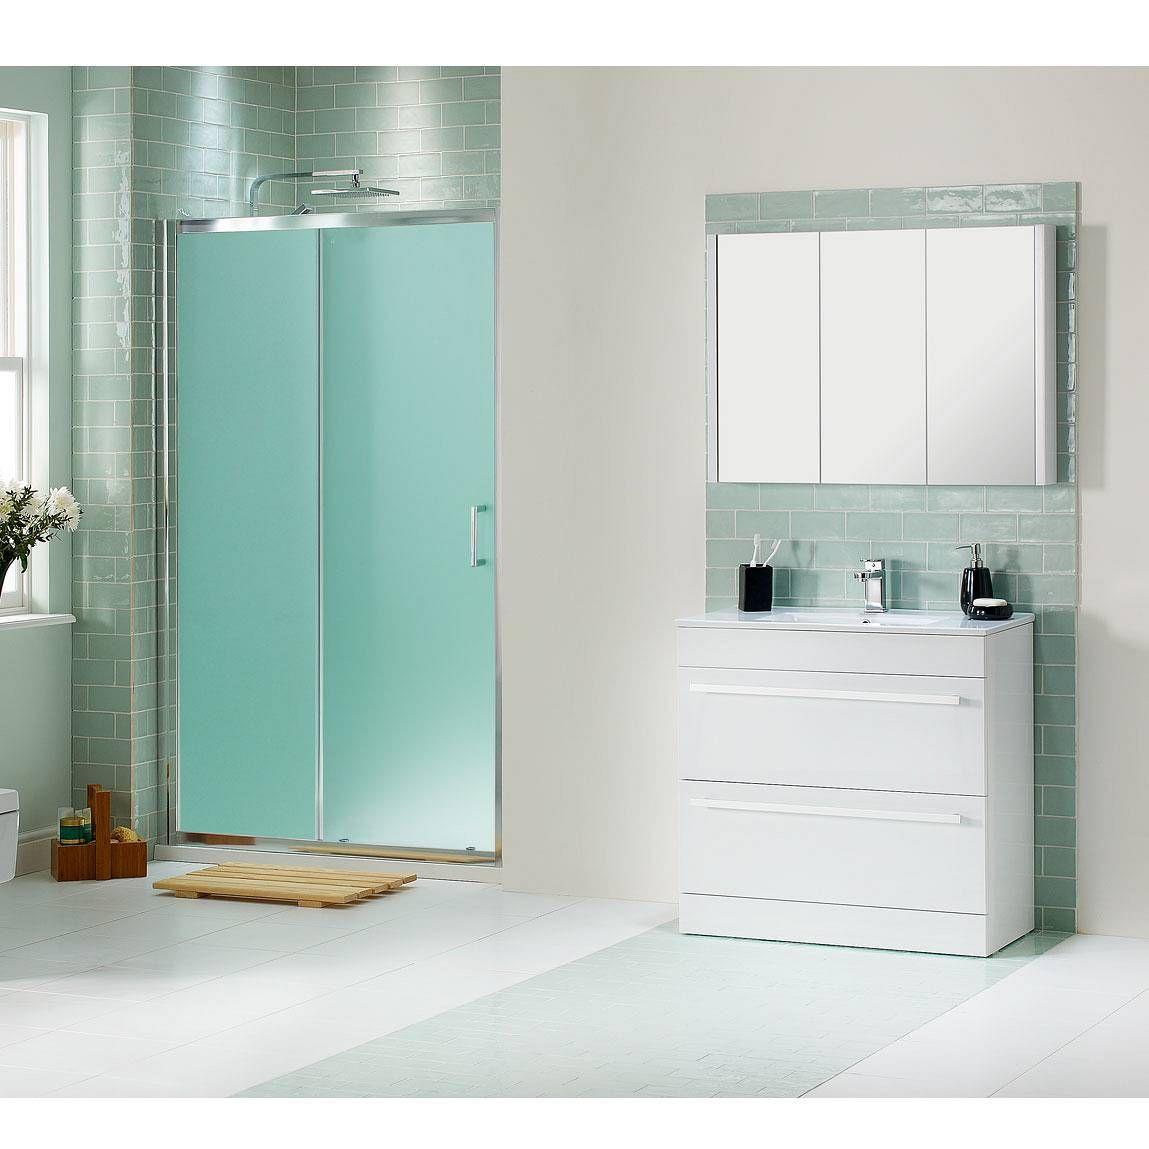 buy shower glass doors | Design | Pinterest | Shower doors ...